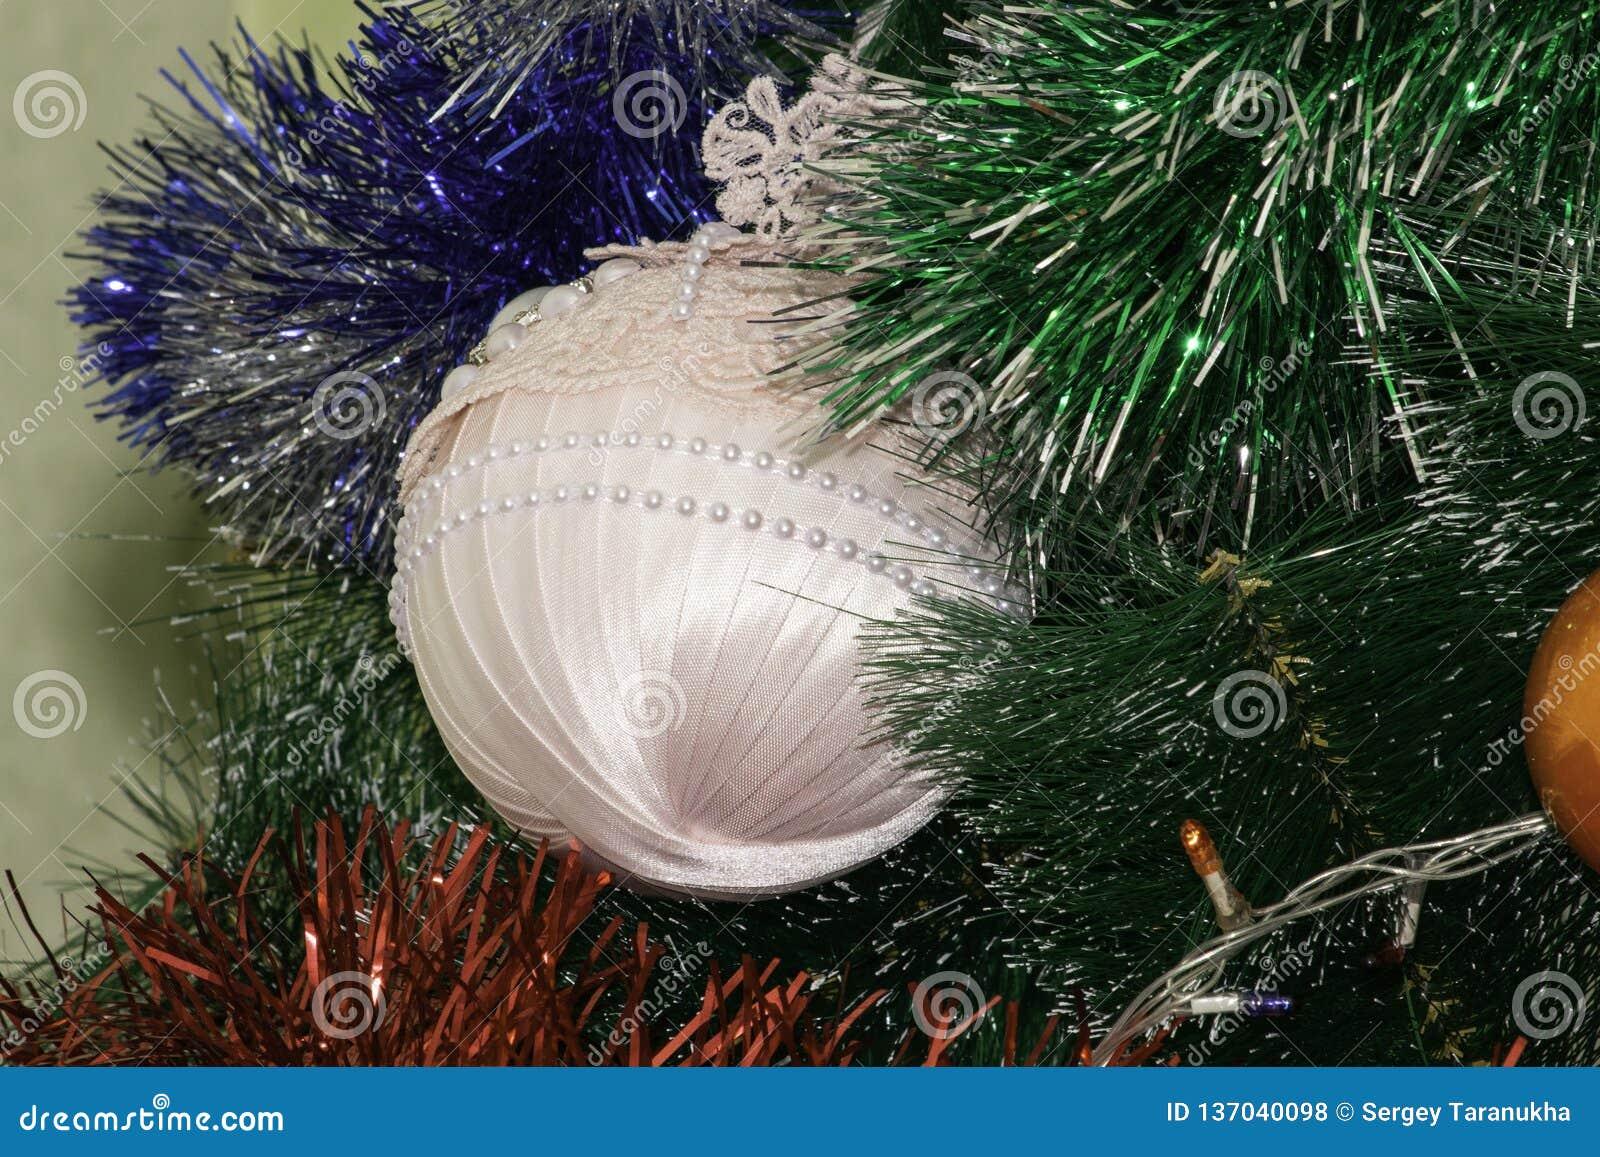 Ένωση παιχνιδιών χριστουγεννιάτικων δέντρων στο δέντρο